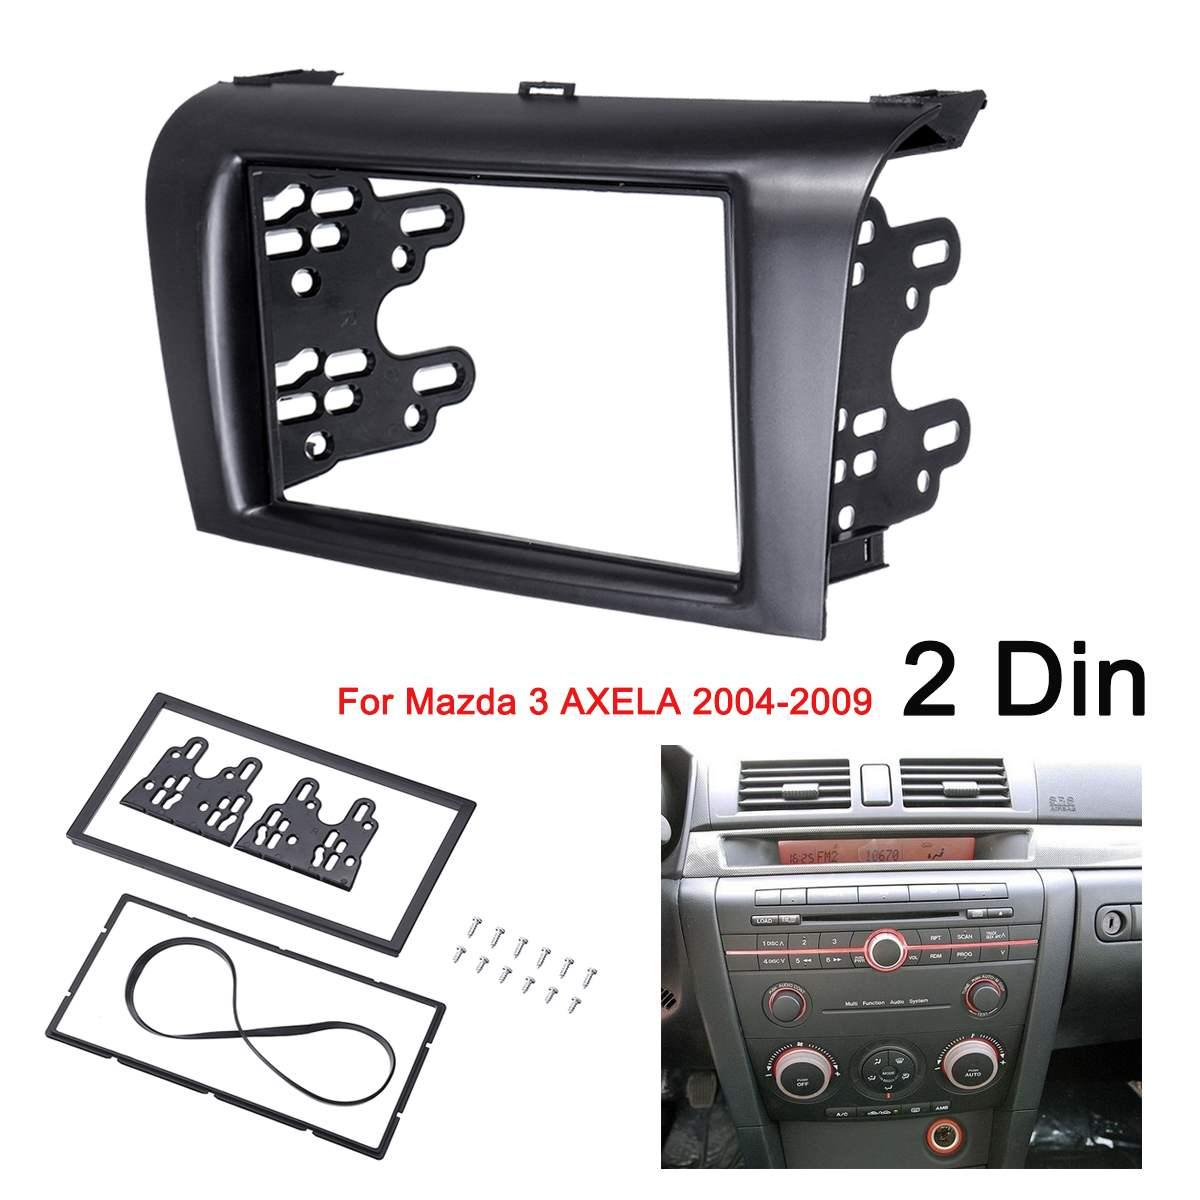 2DIN radio samochodowe stereo DVD konsola oblicowania panel do montażu na desce rozdzielczej listwa wykończeniowa zestaw osłona ramy dla Mazda 3 AXELA 2004 2005 2006 2007 2008 2009